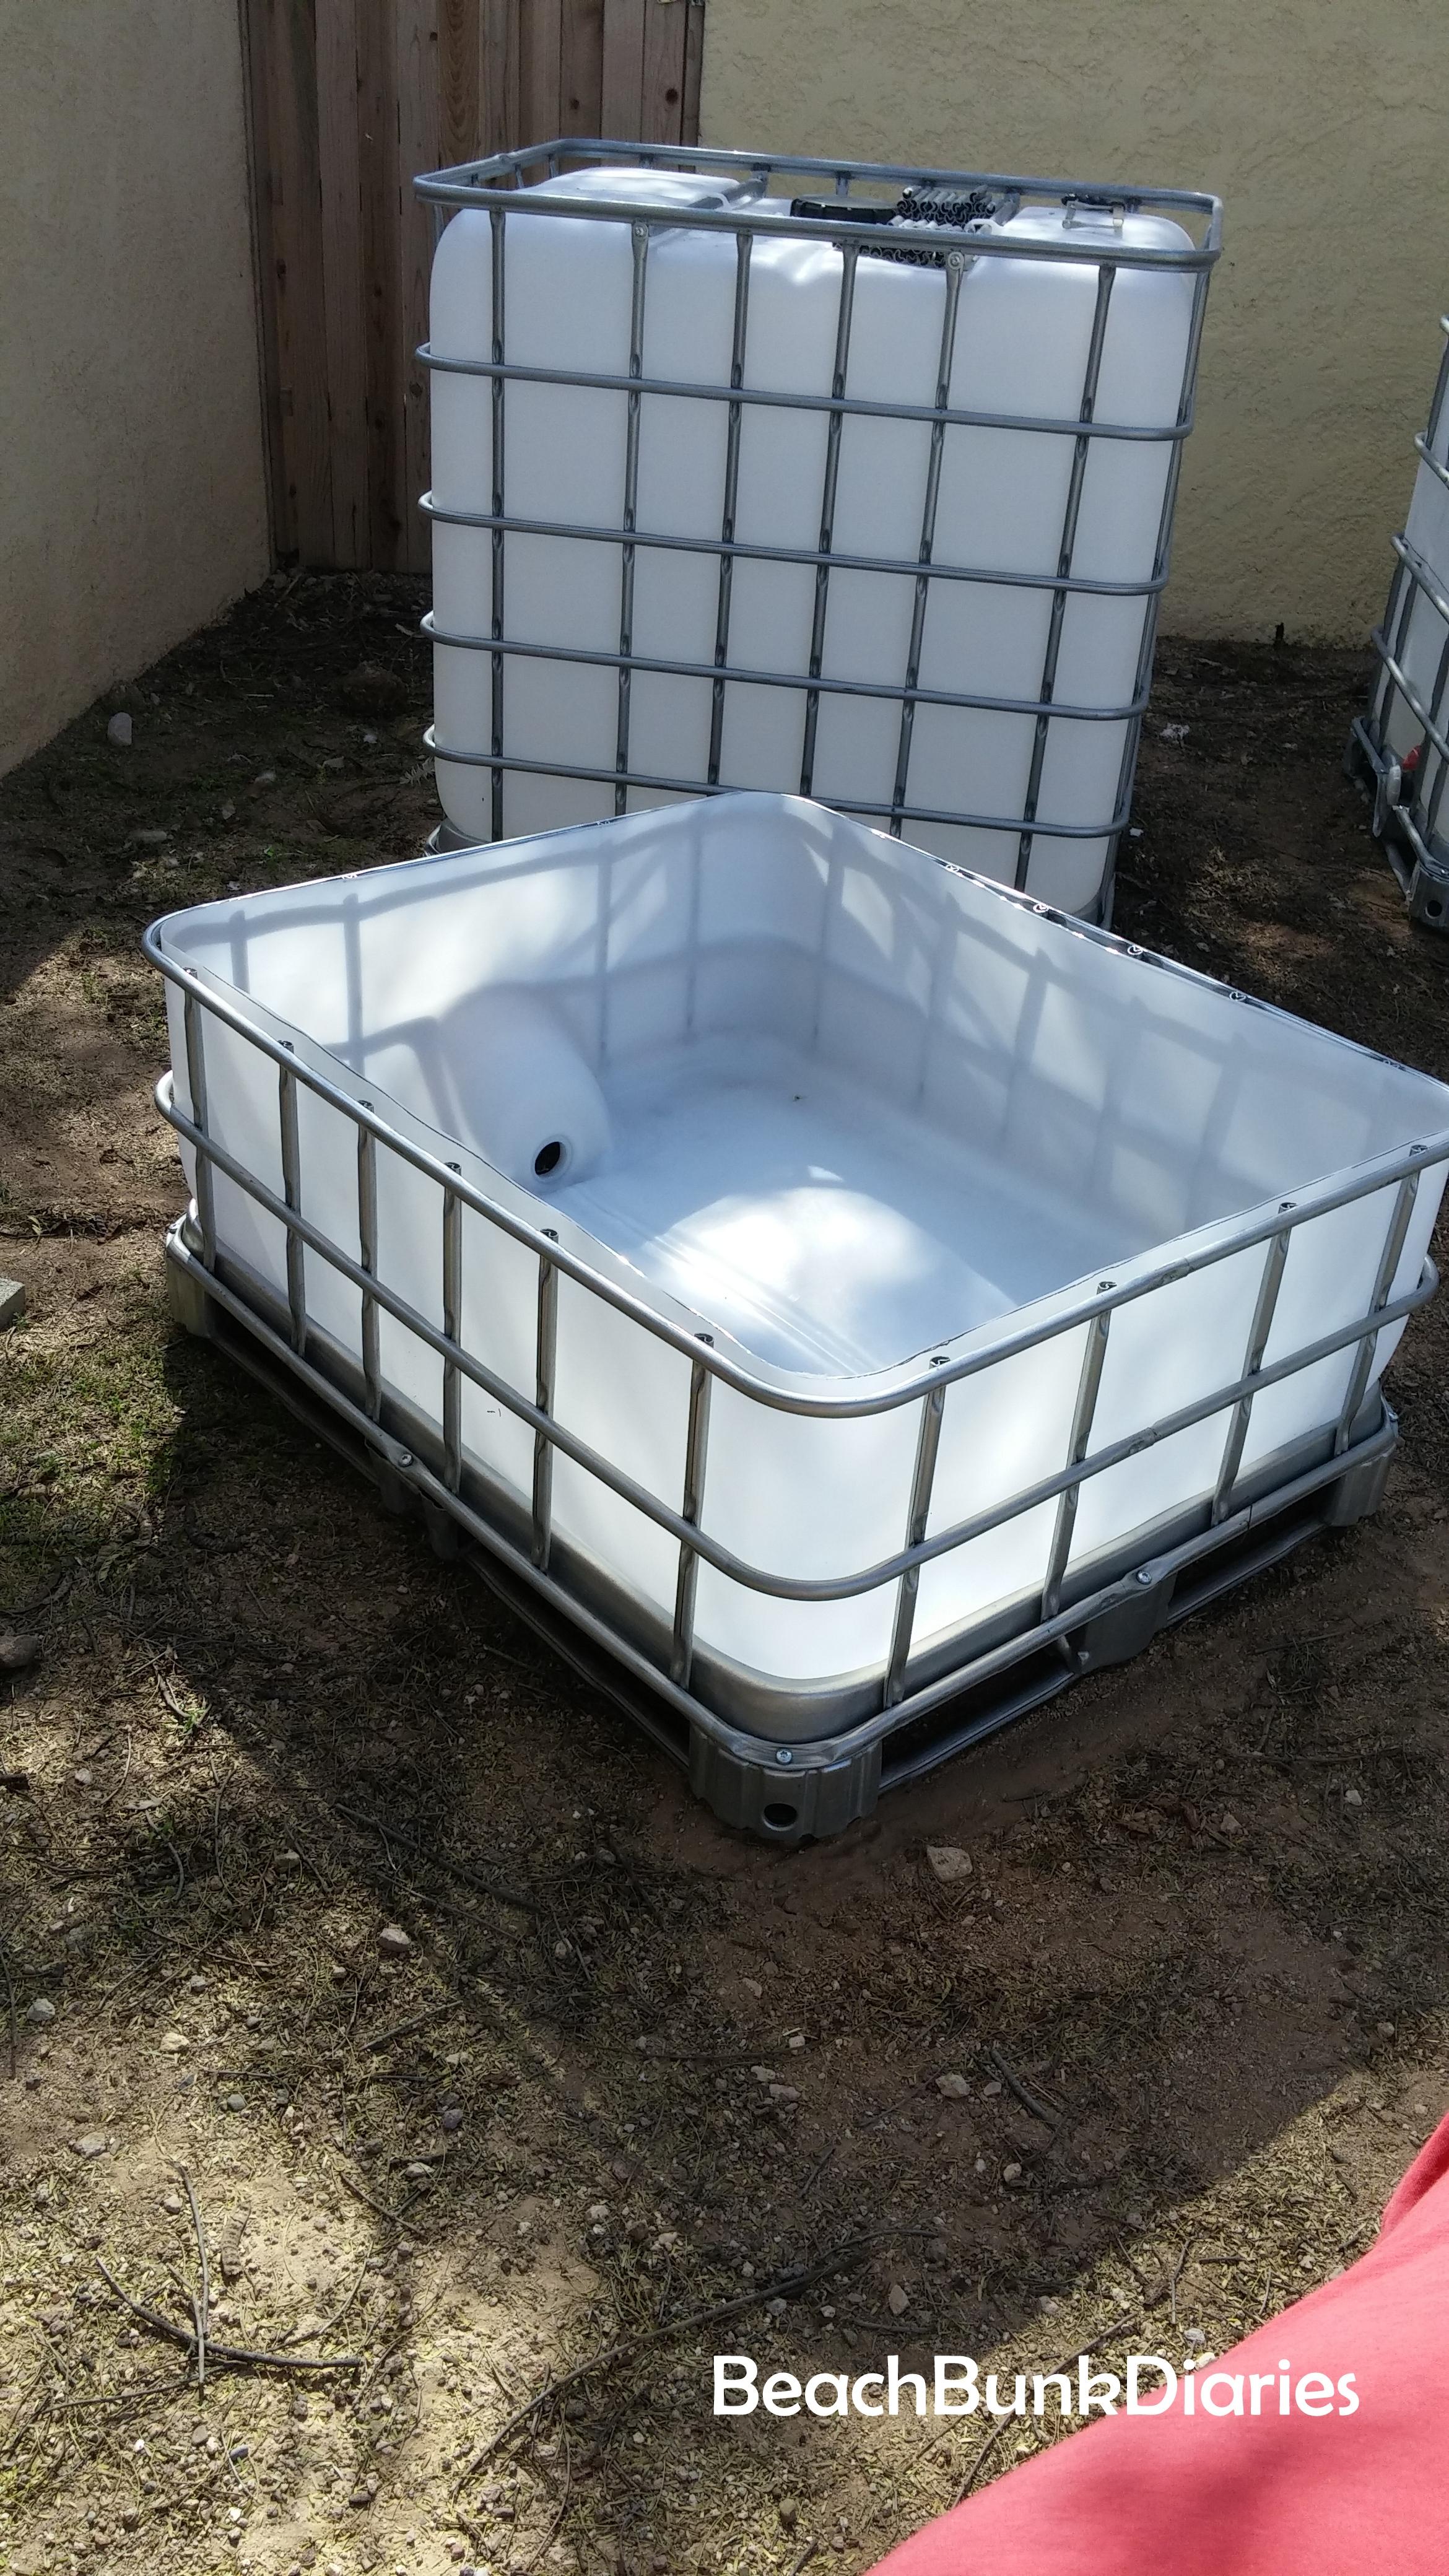 How to cut ibc aquaponics grow beds aquaponics resource for Aquaponics grow bed